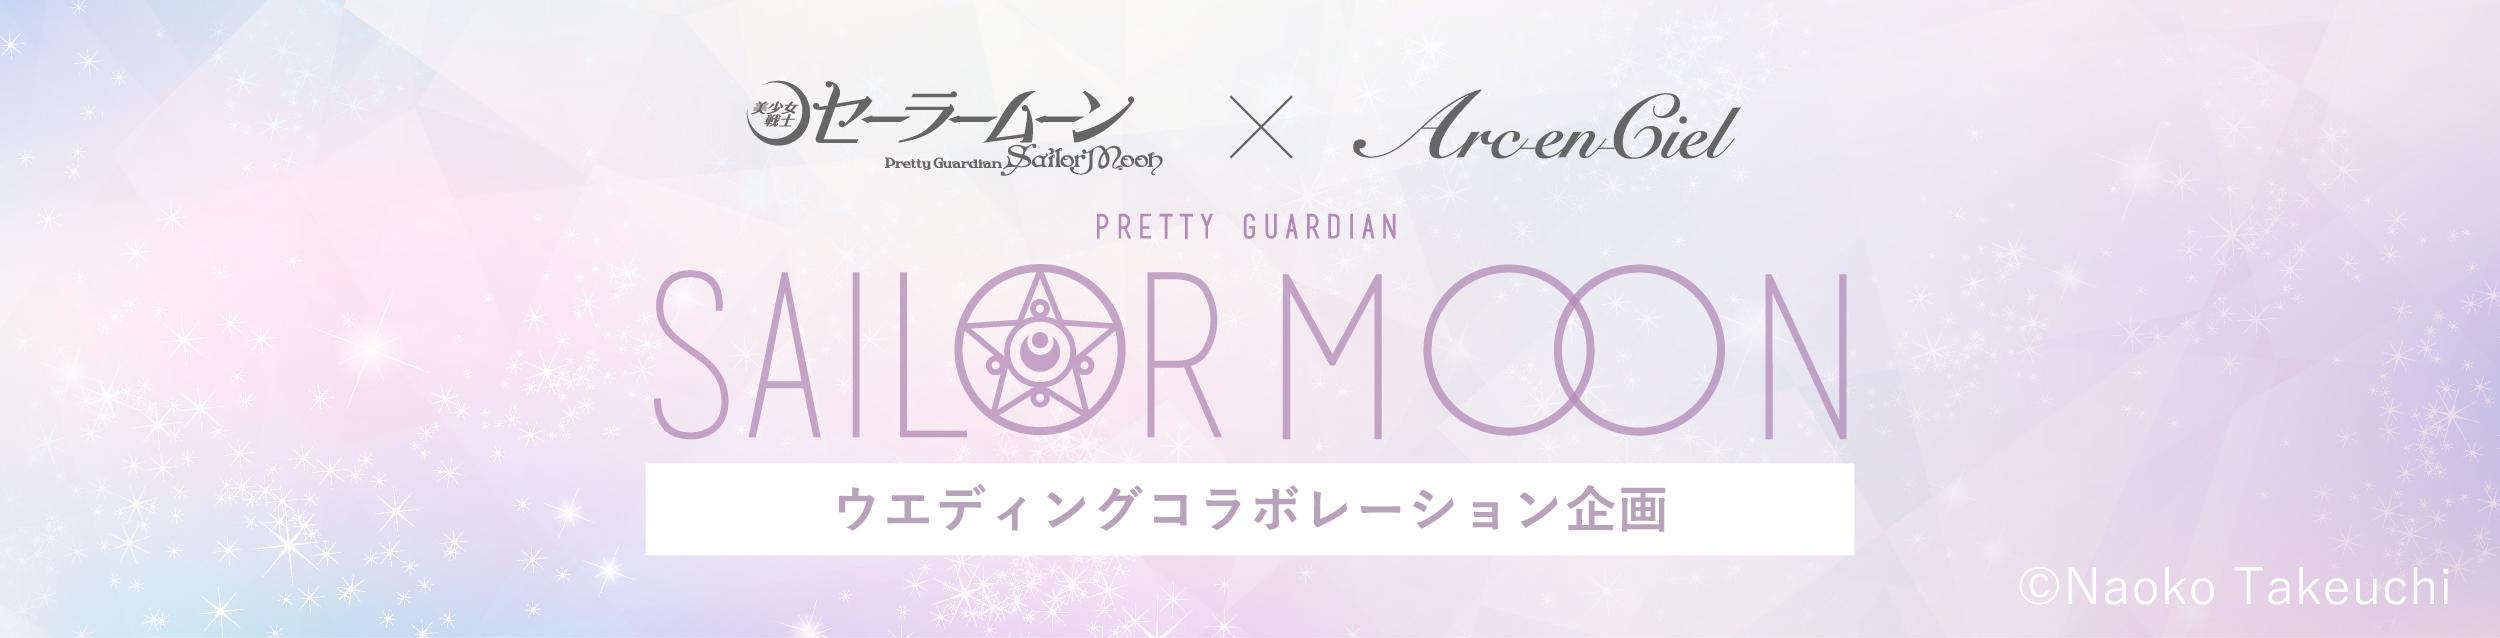 セーラームーン × Arcenciel ウエディングコラボレーション企画